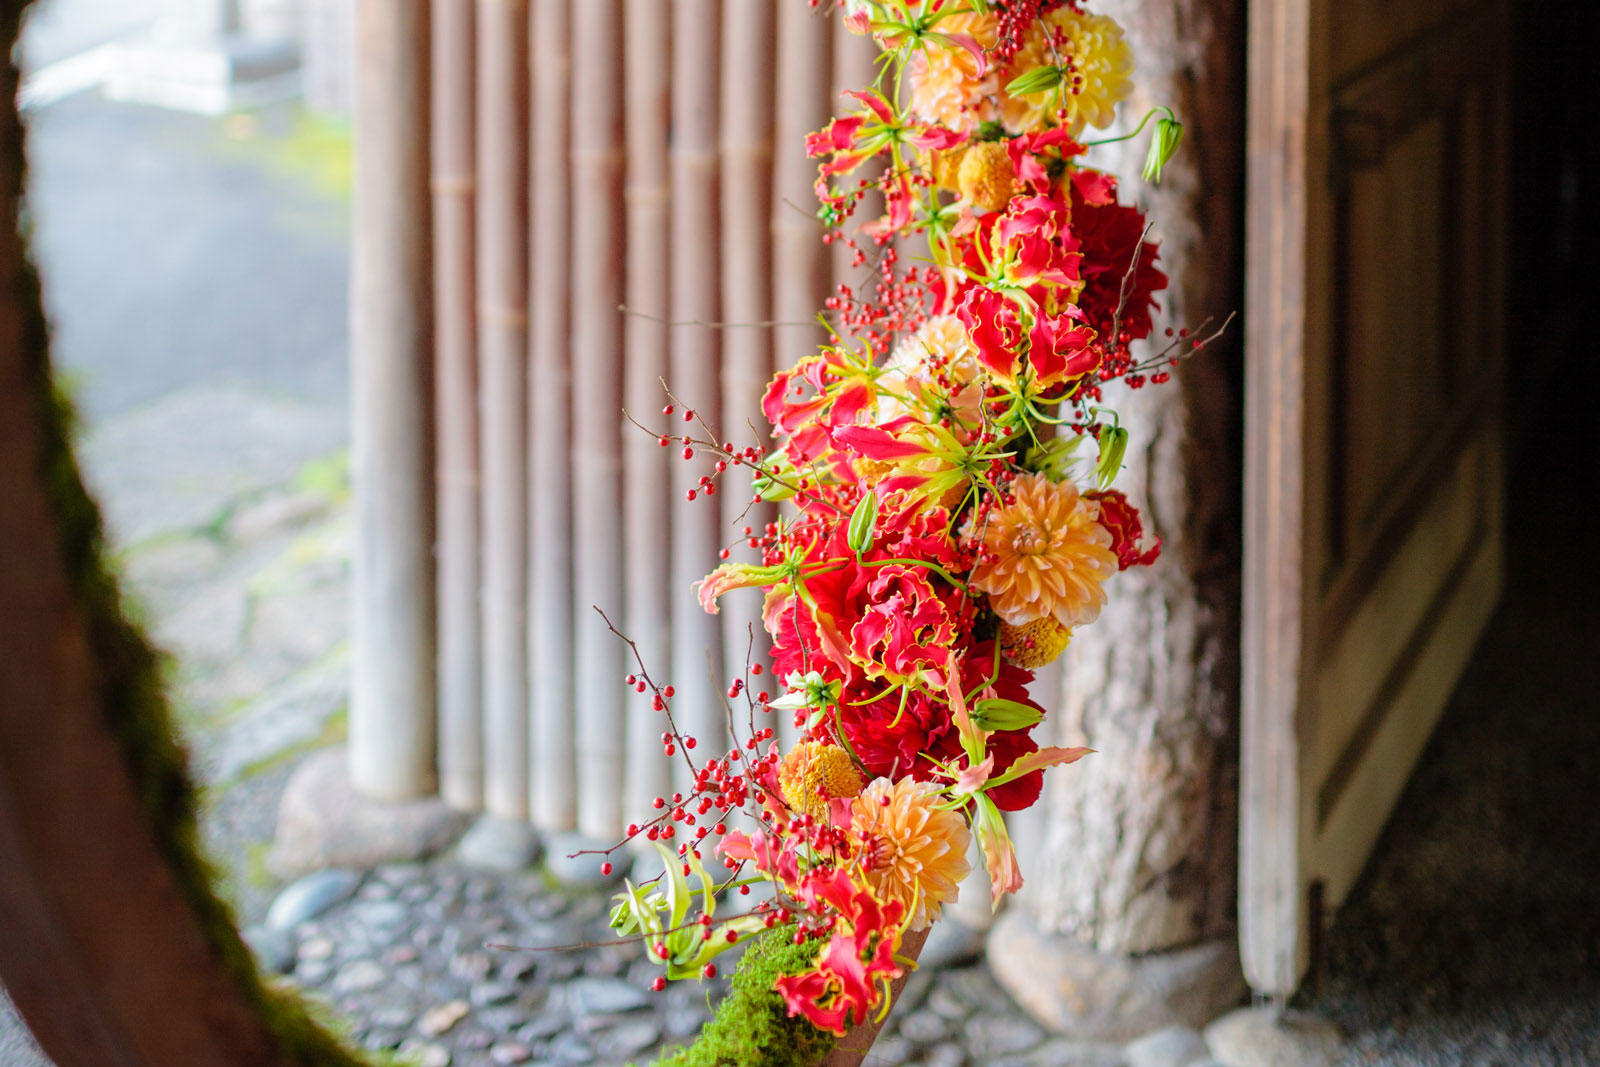 暖色を基調とした装花